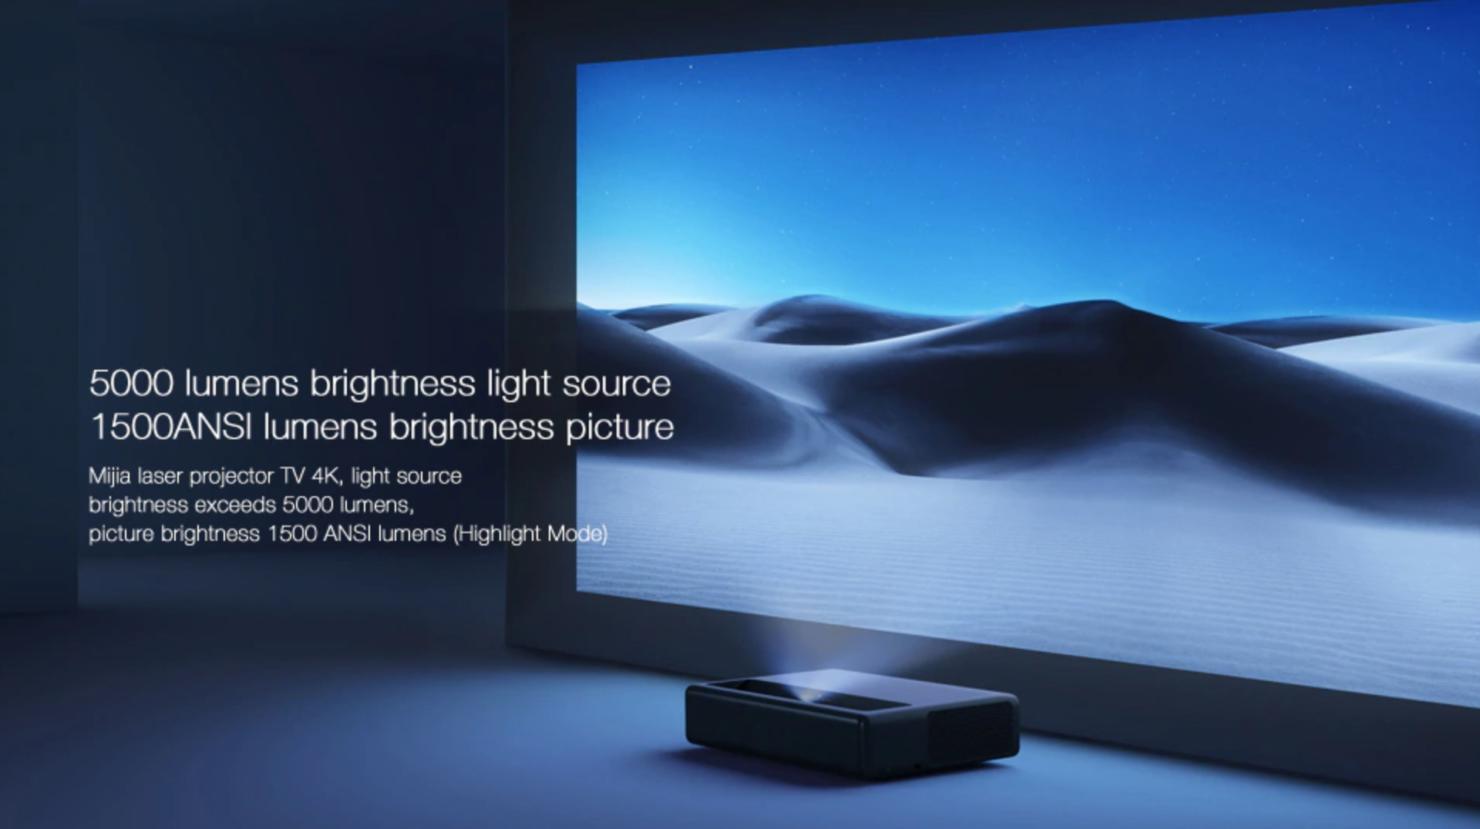 mijia-4k-projector